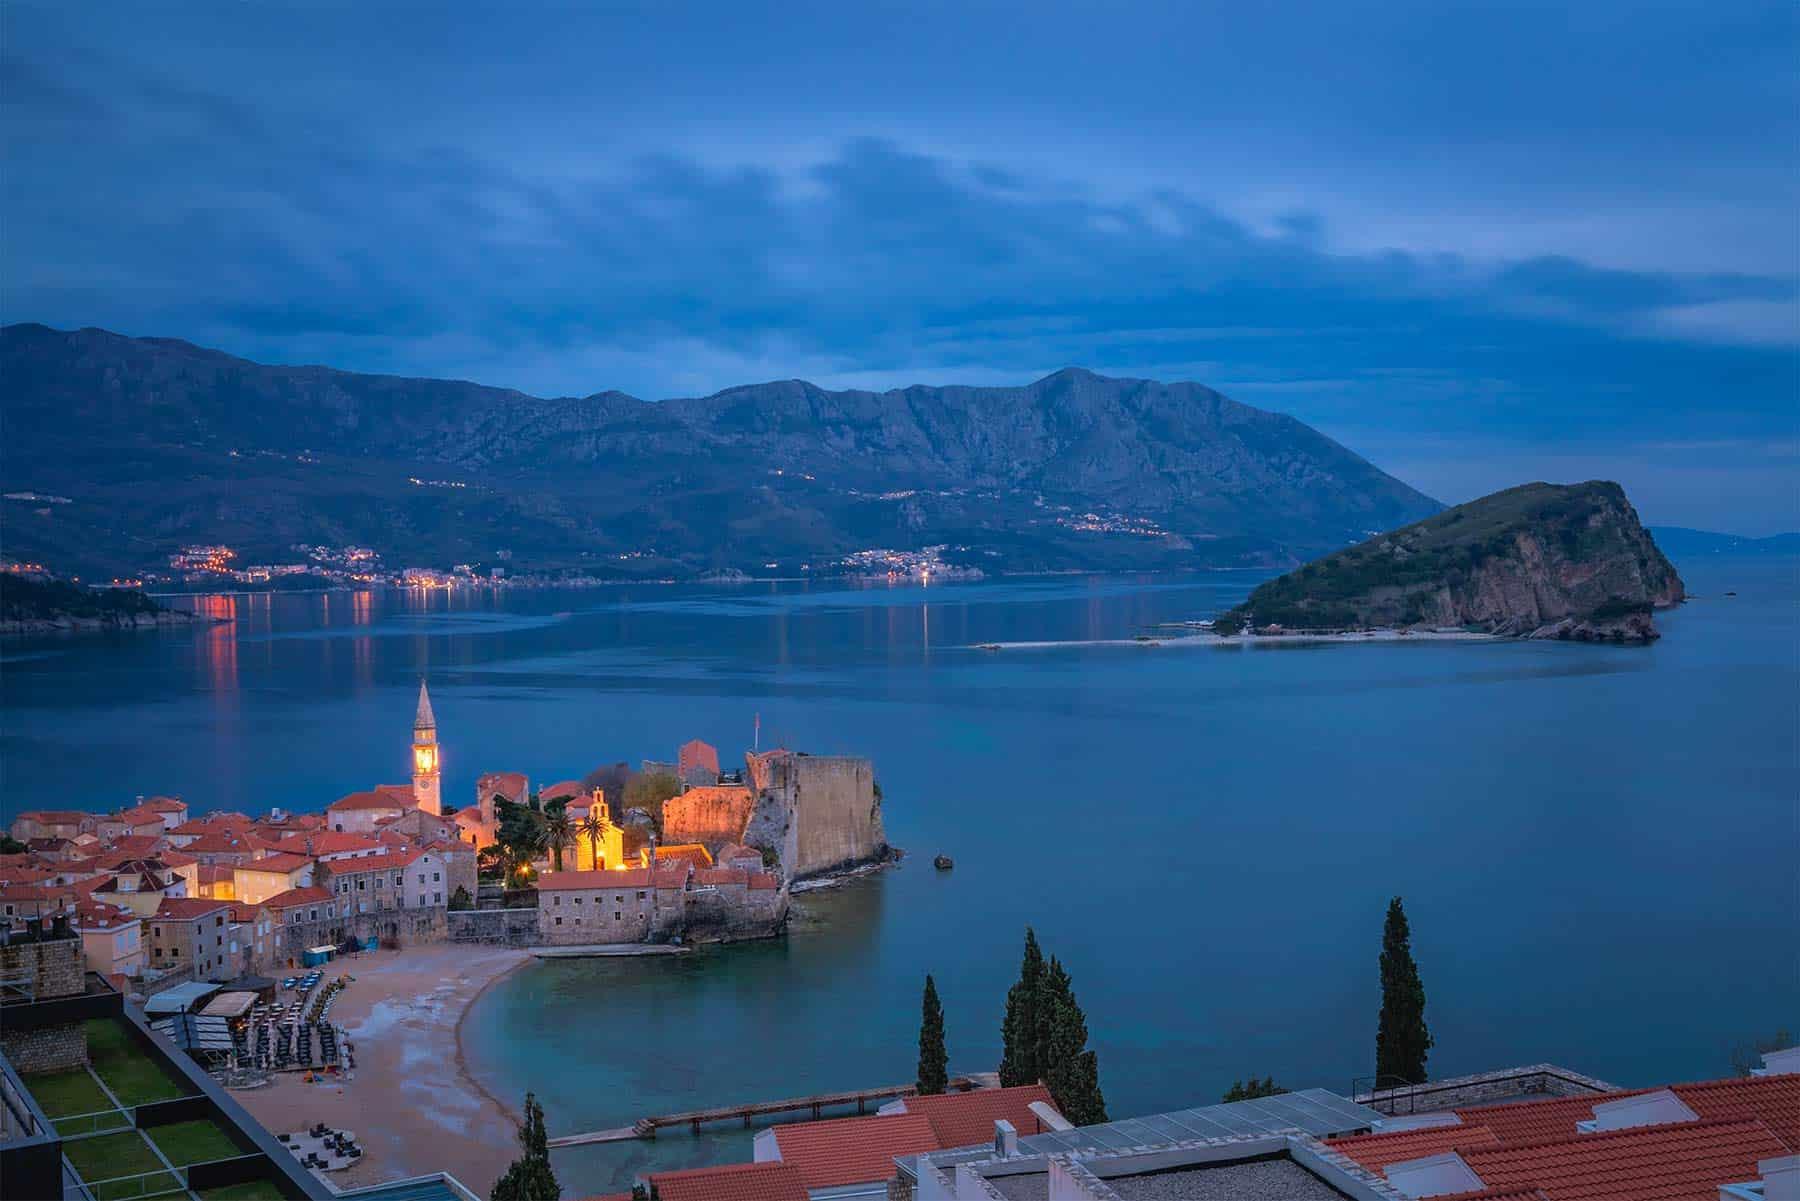 Dusk over Budva town in Montenegro